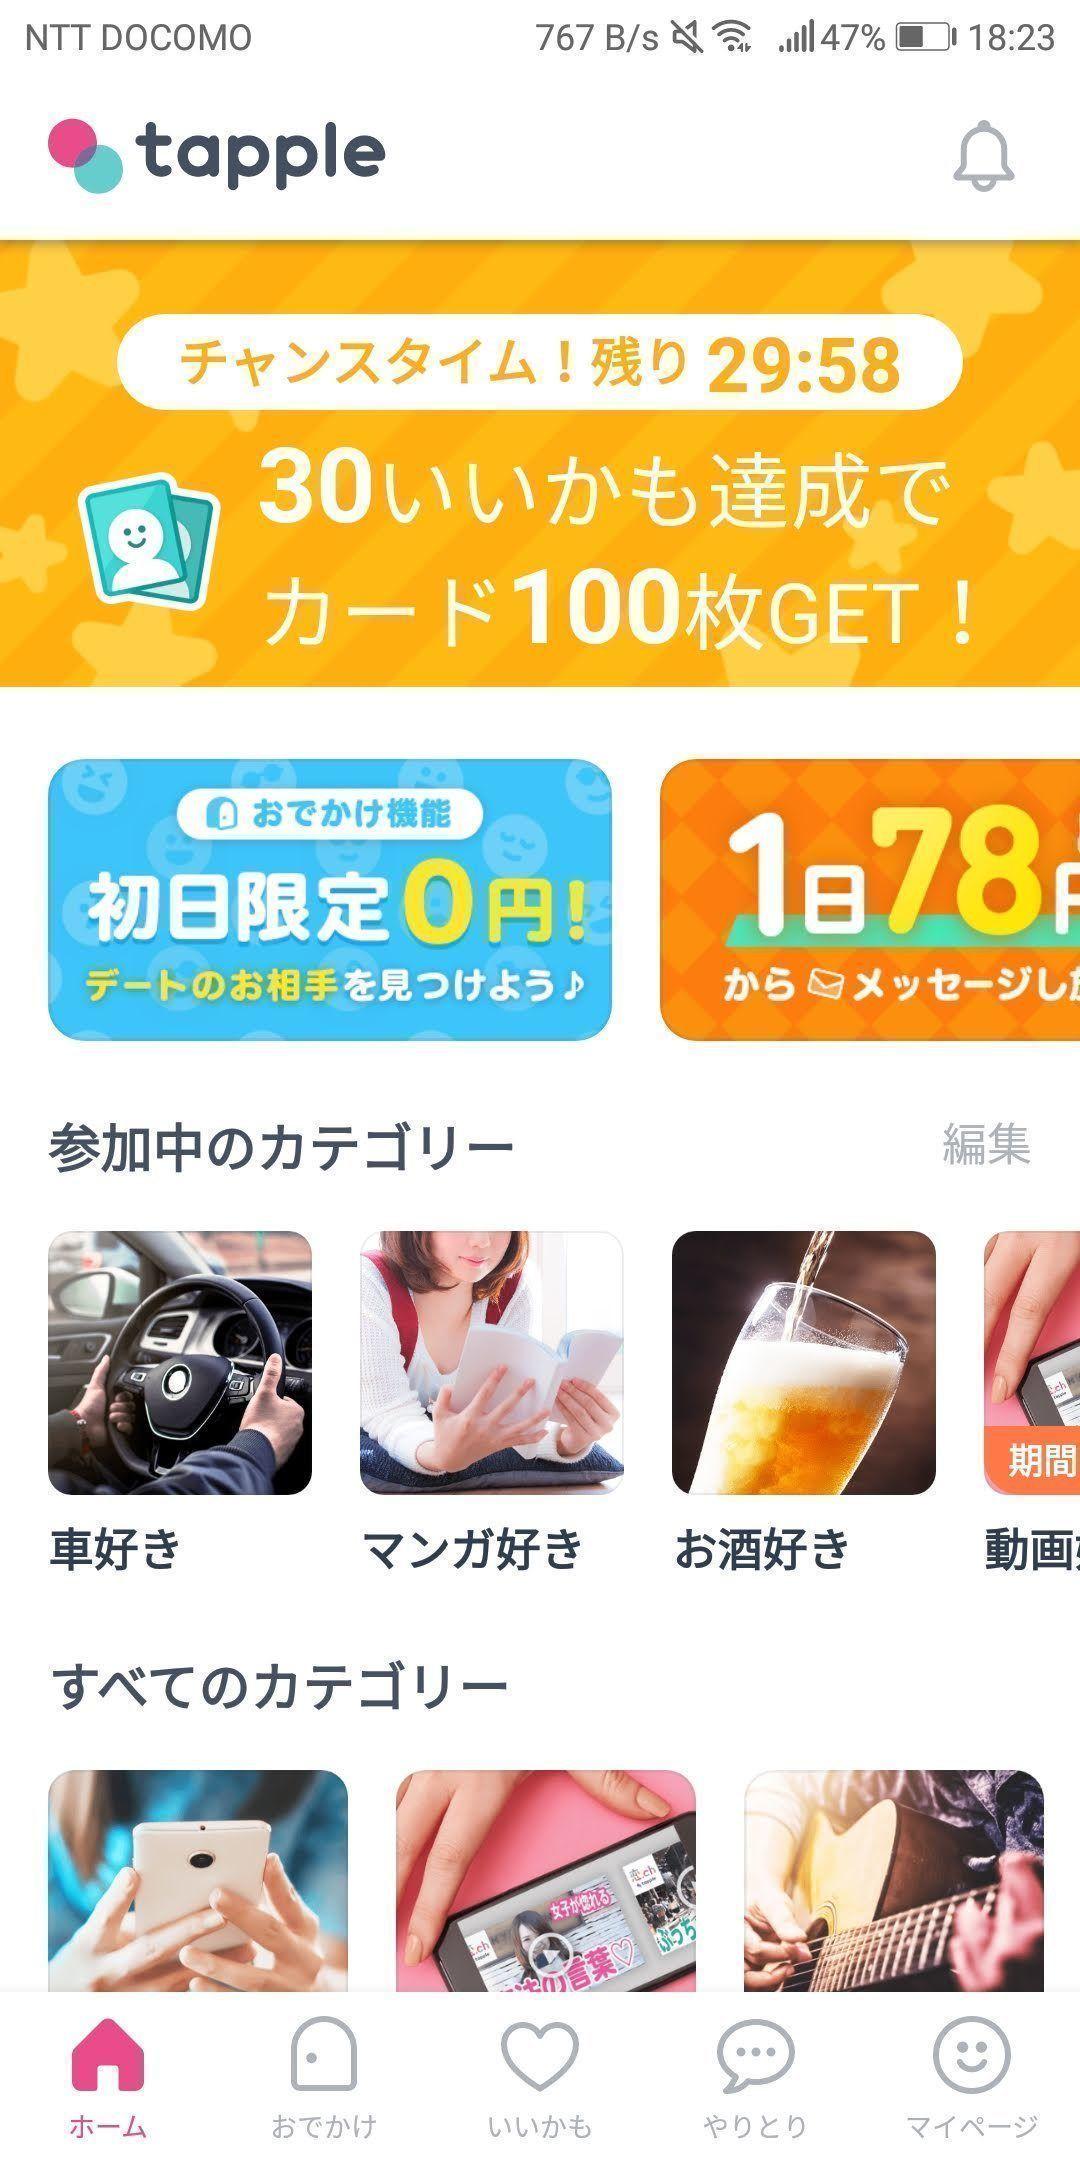 マッチングアプリ 第1位 タップル誕生